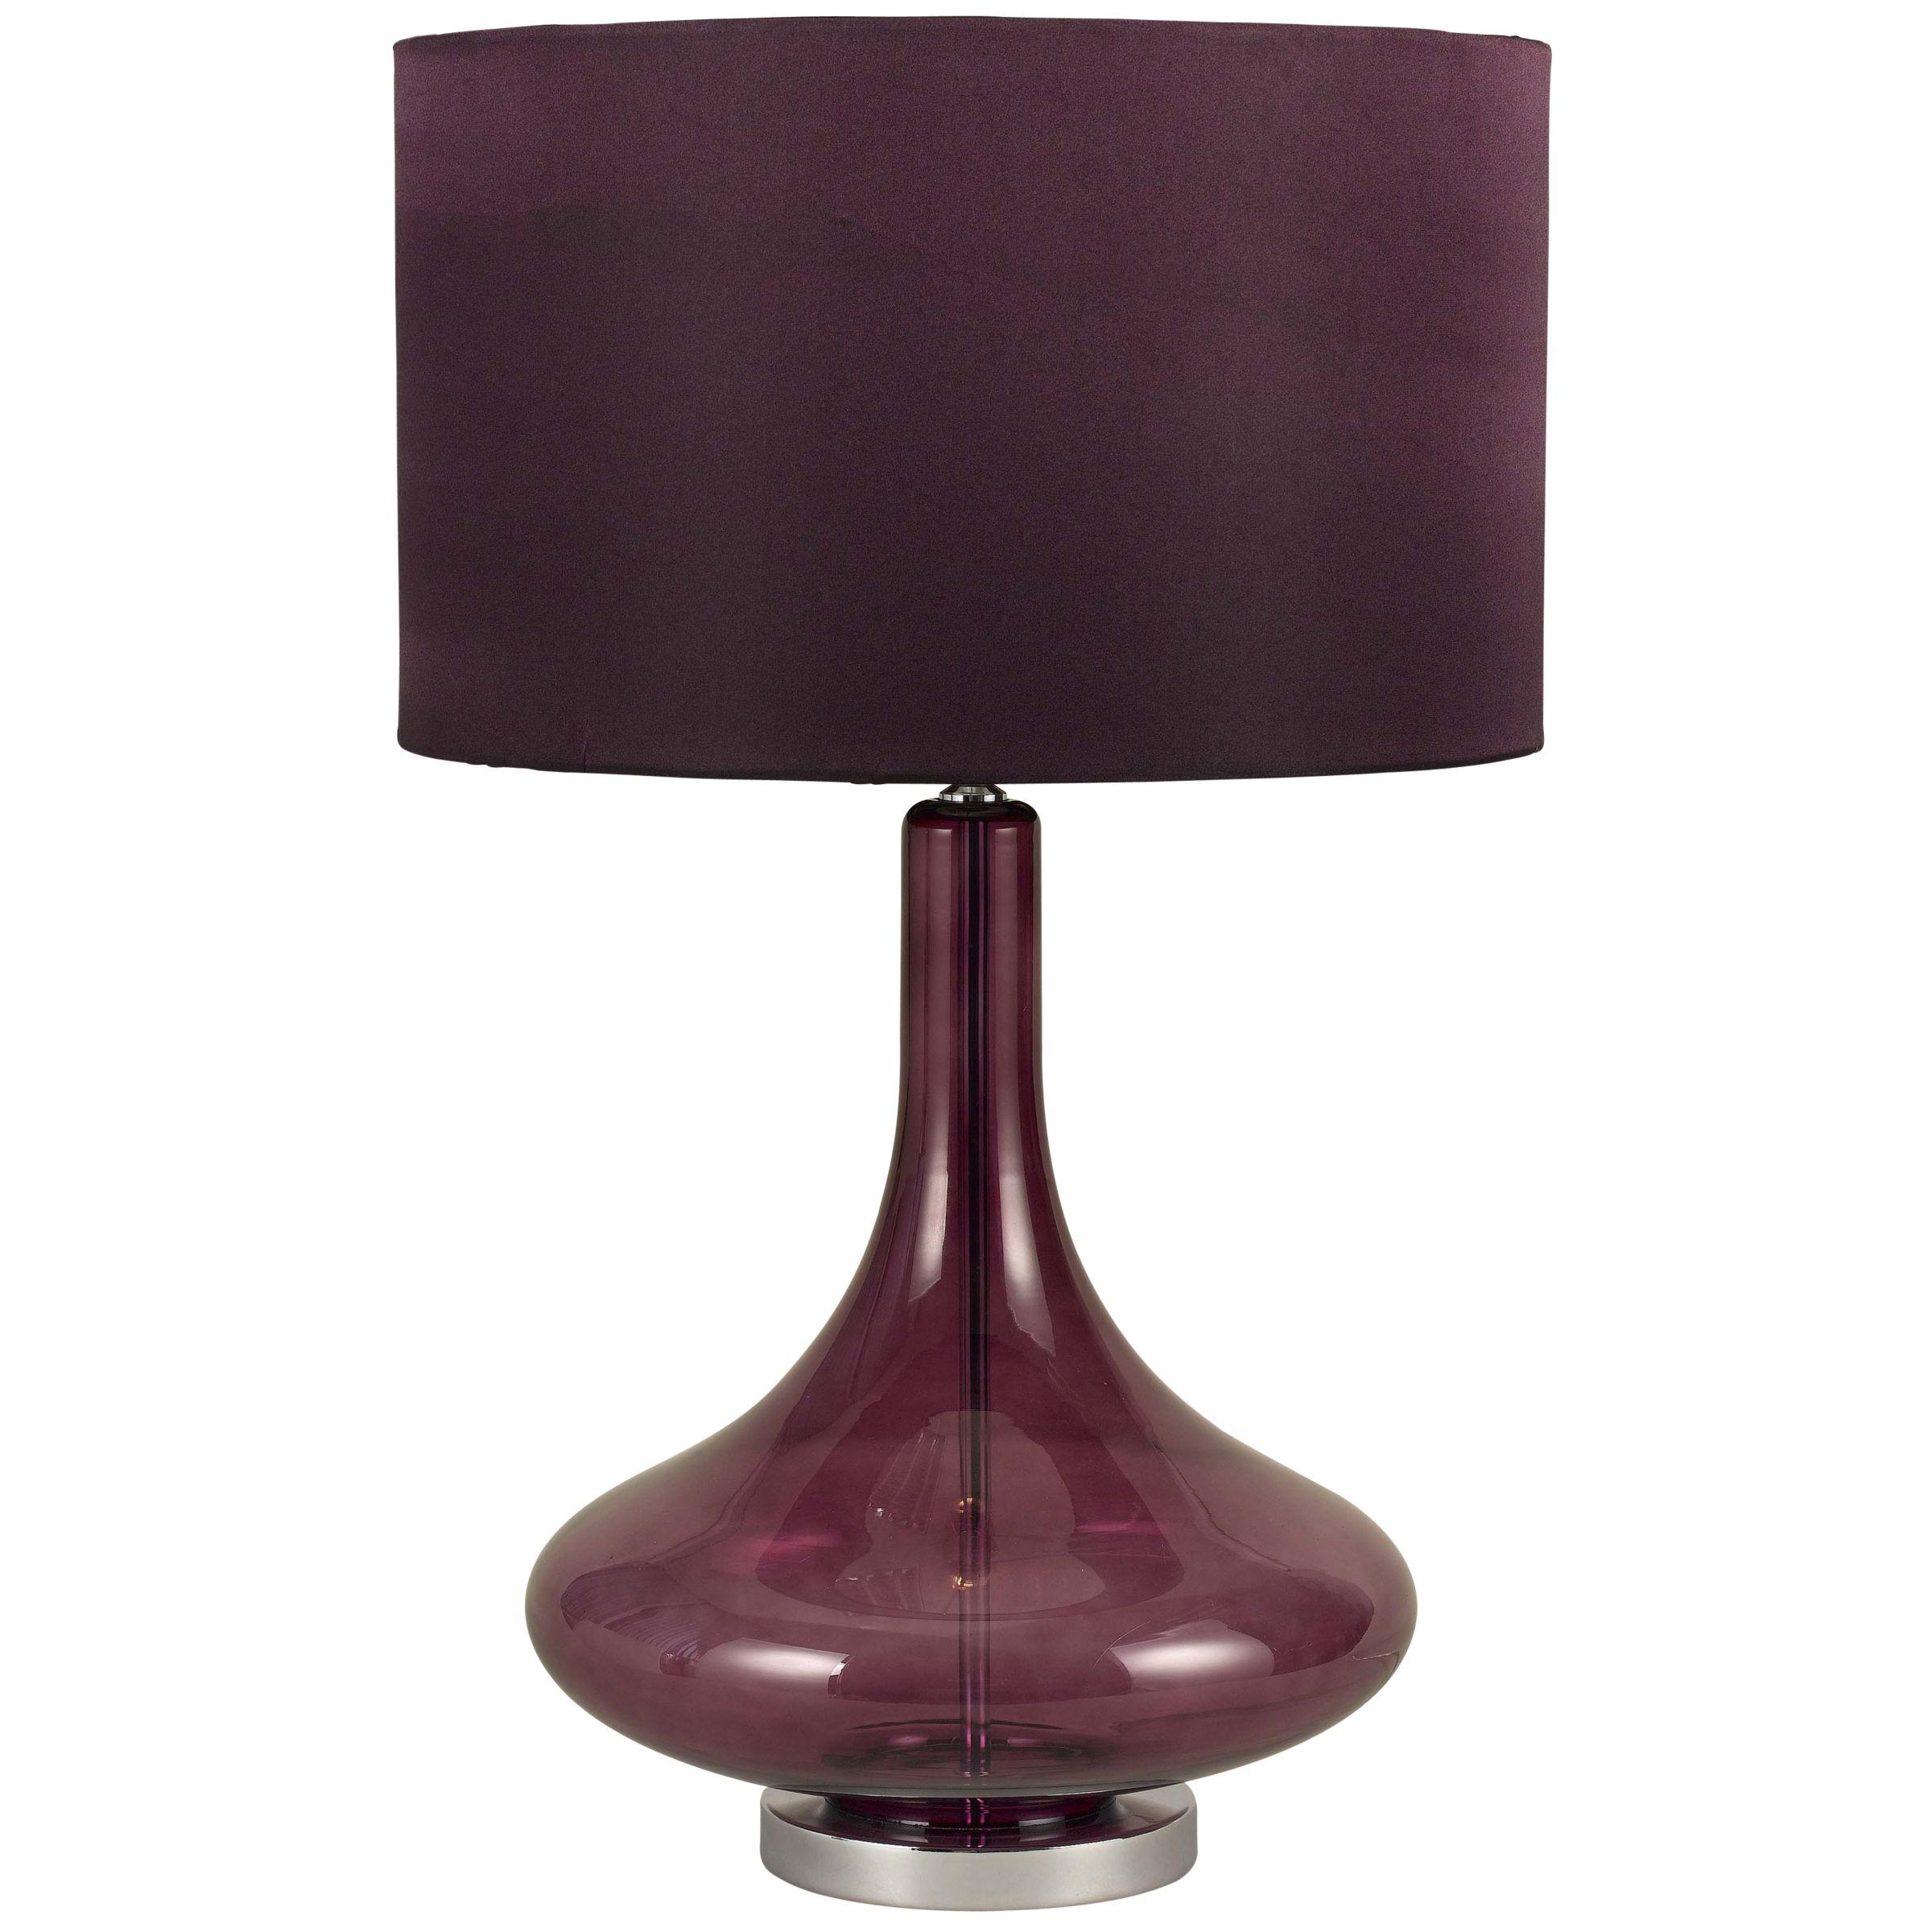 Amazing John Lewis Alexis Table Lamp John Lewis Sabrina Table Lamp